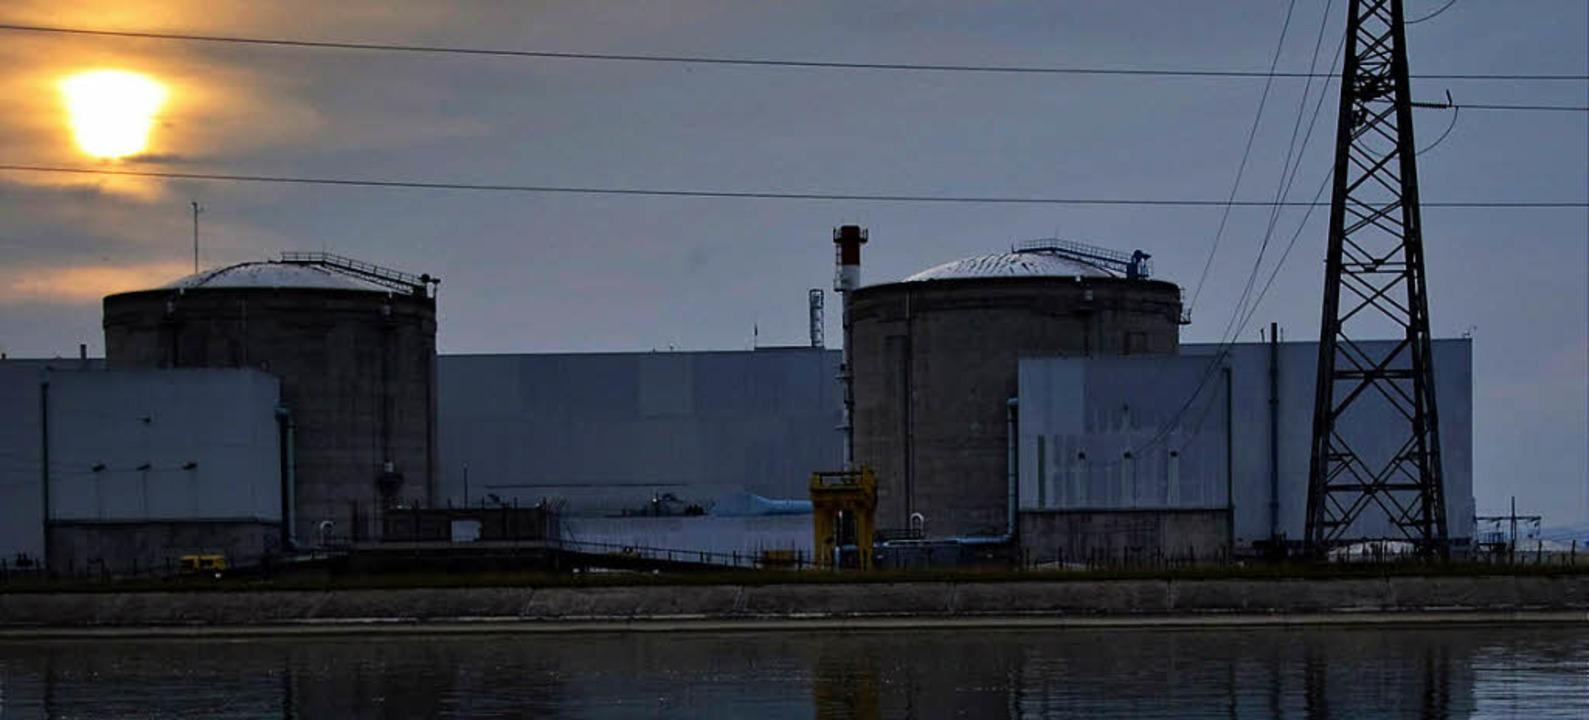 Seit 1977 in Betrieb und damit das ält...h – der Pannenreaktor Fessenheim  | Foto: afp